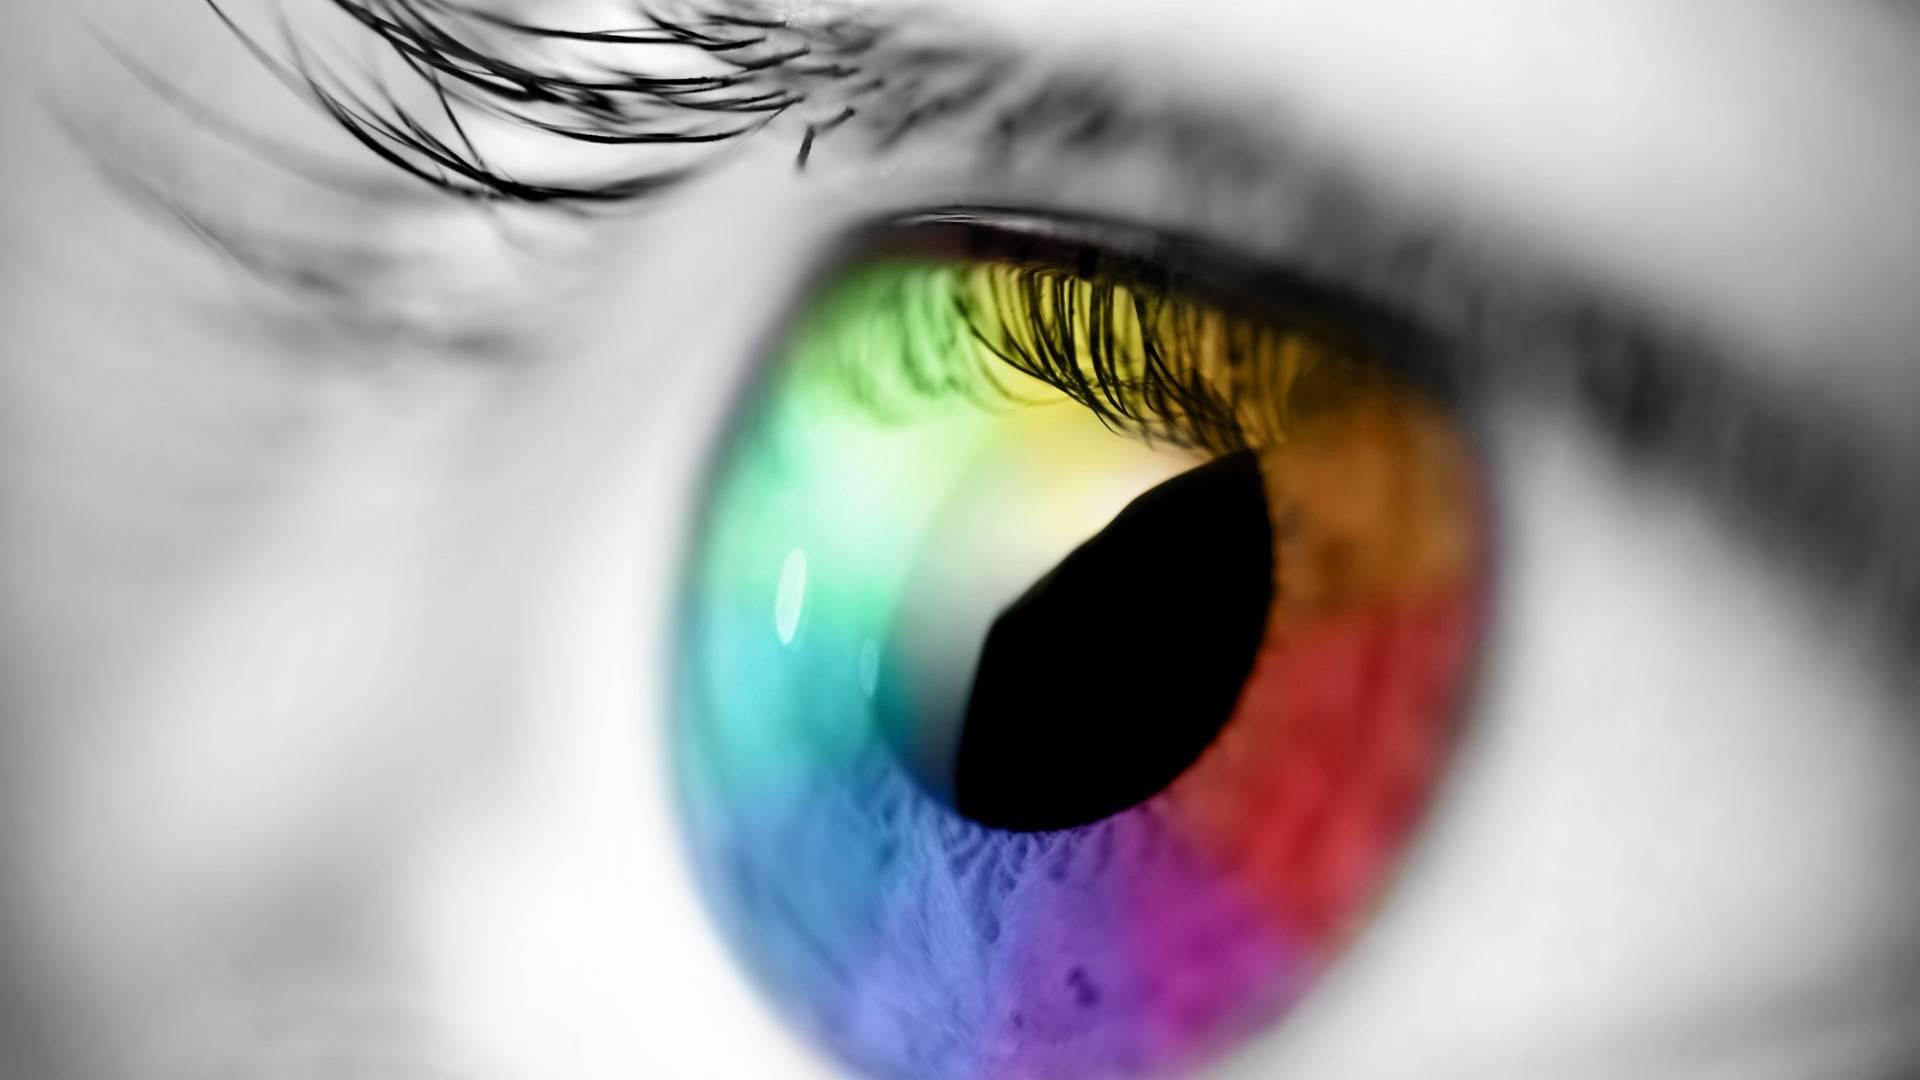 Что означает цвет глаз: как может влиять оттенок глаз на характер